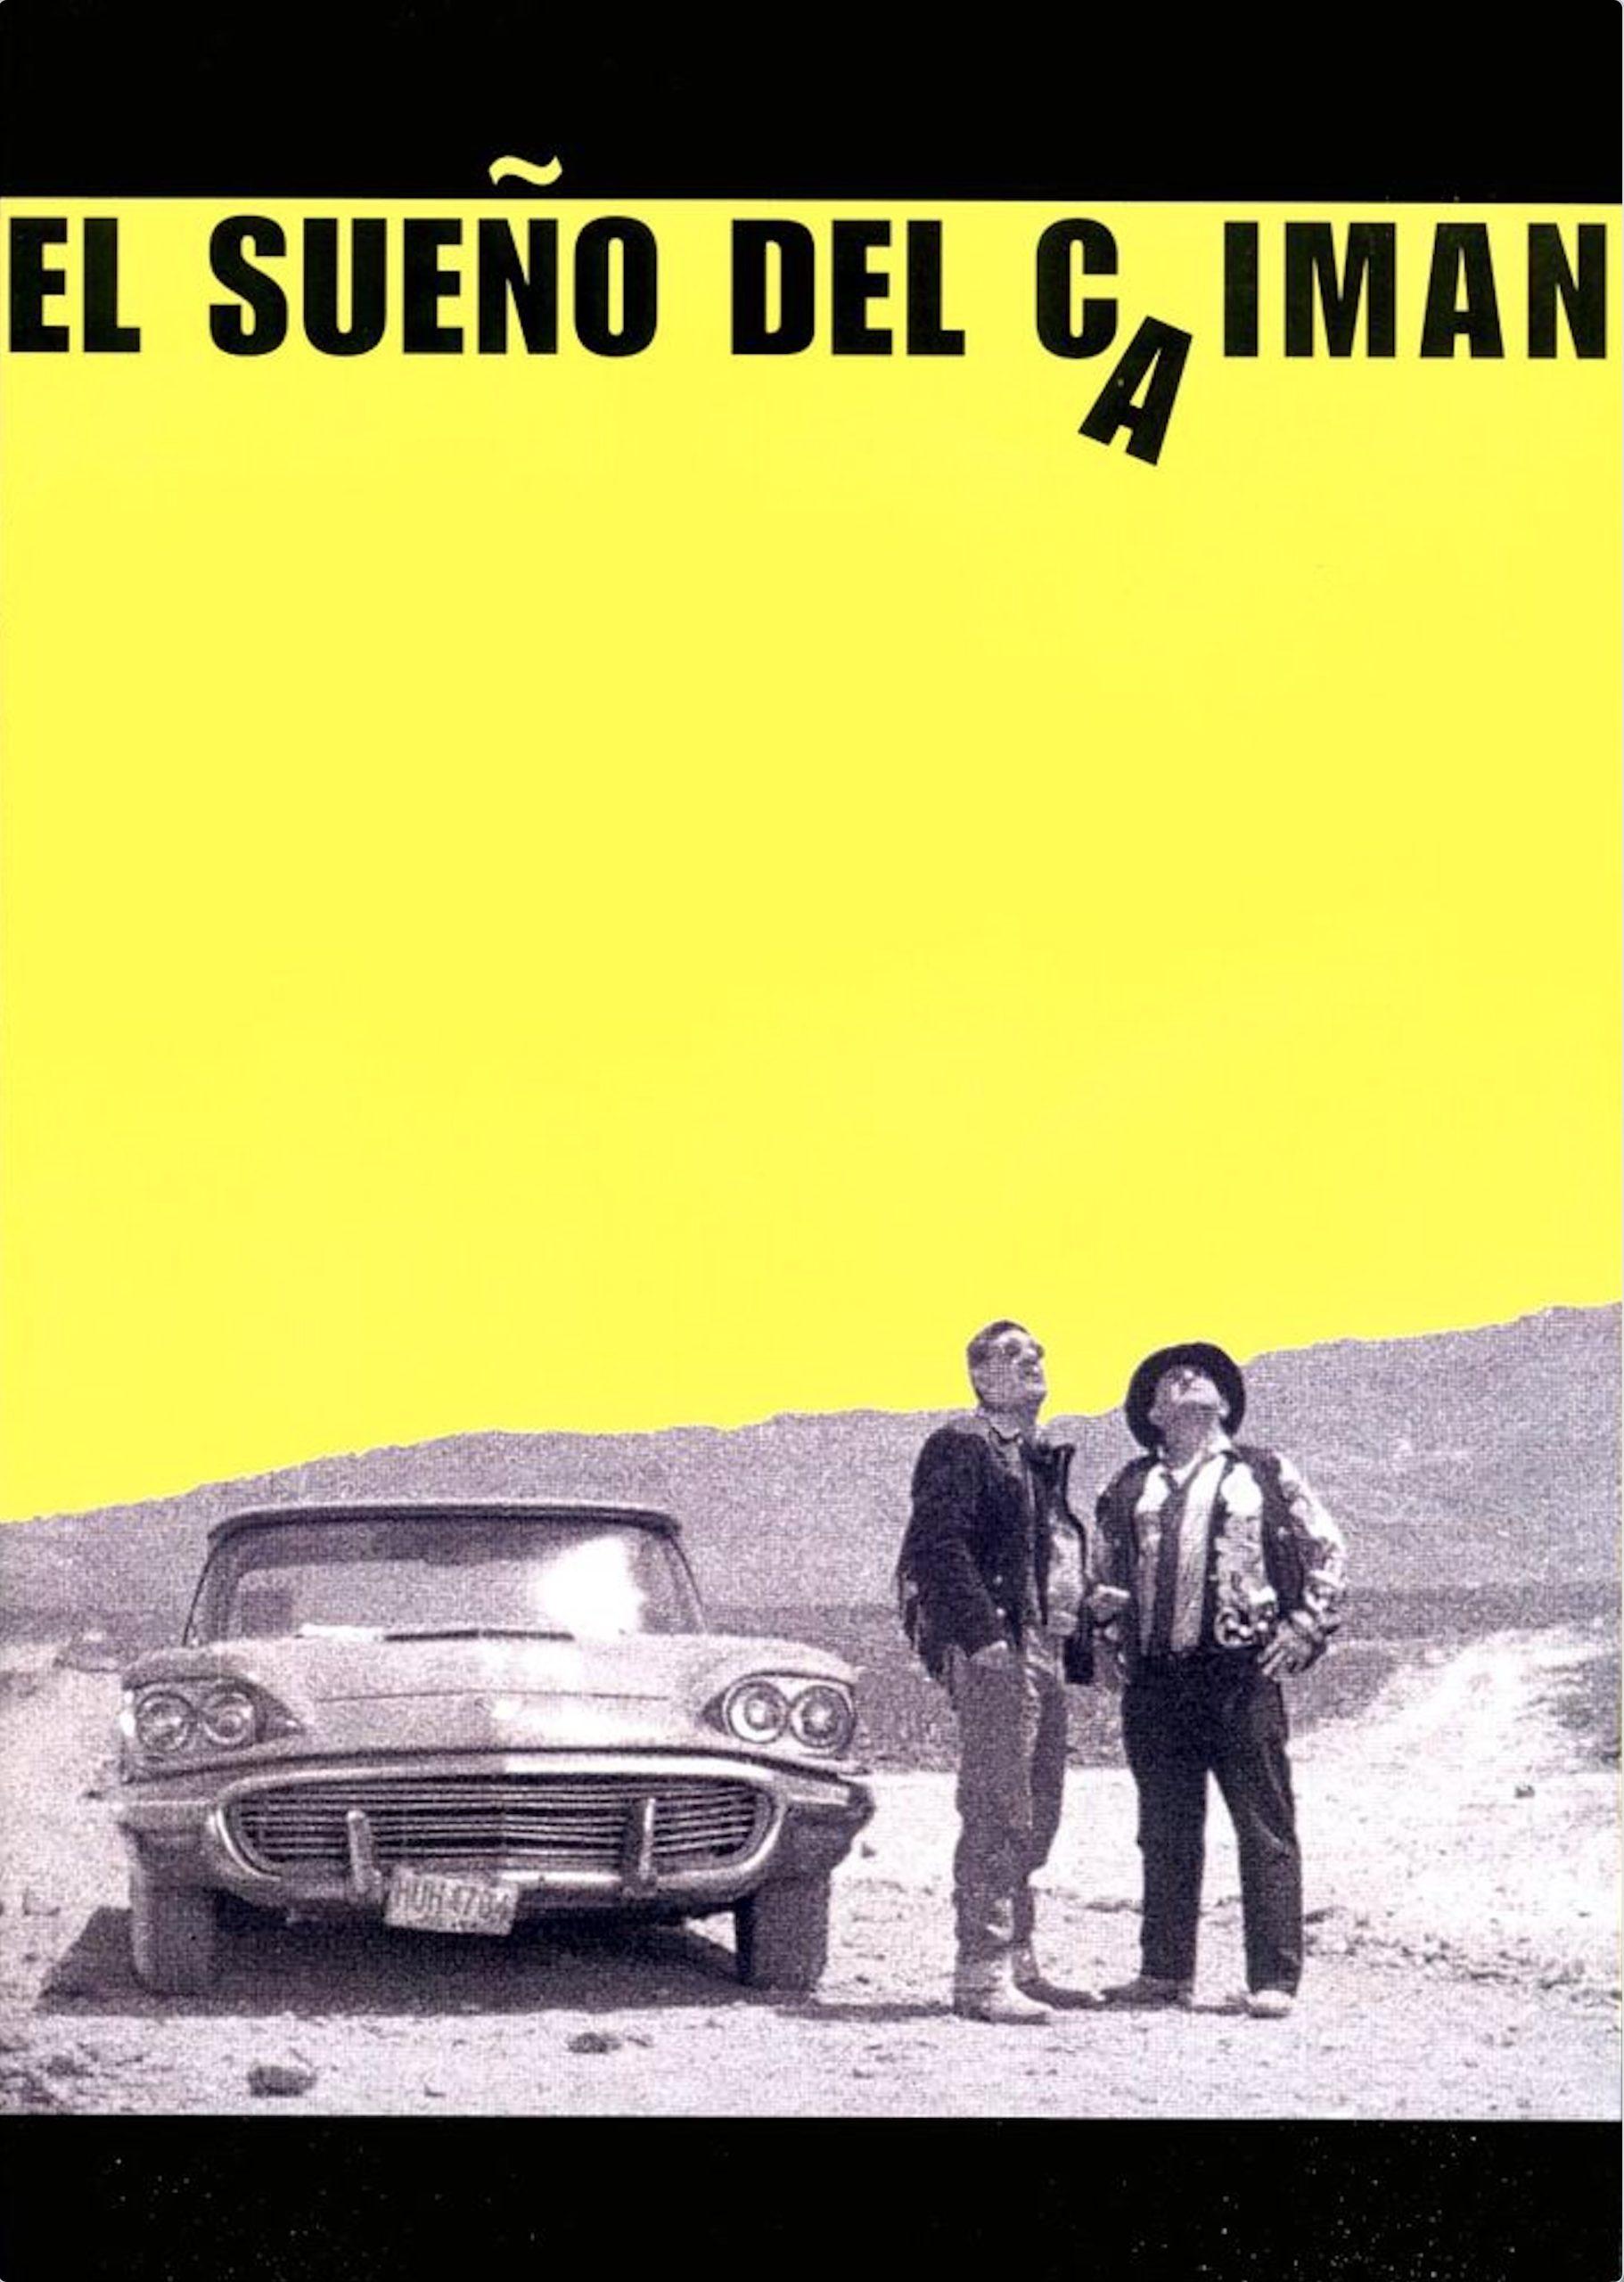 El Sueño del Caimán (BSO) - Poster